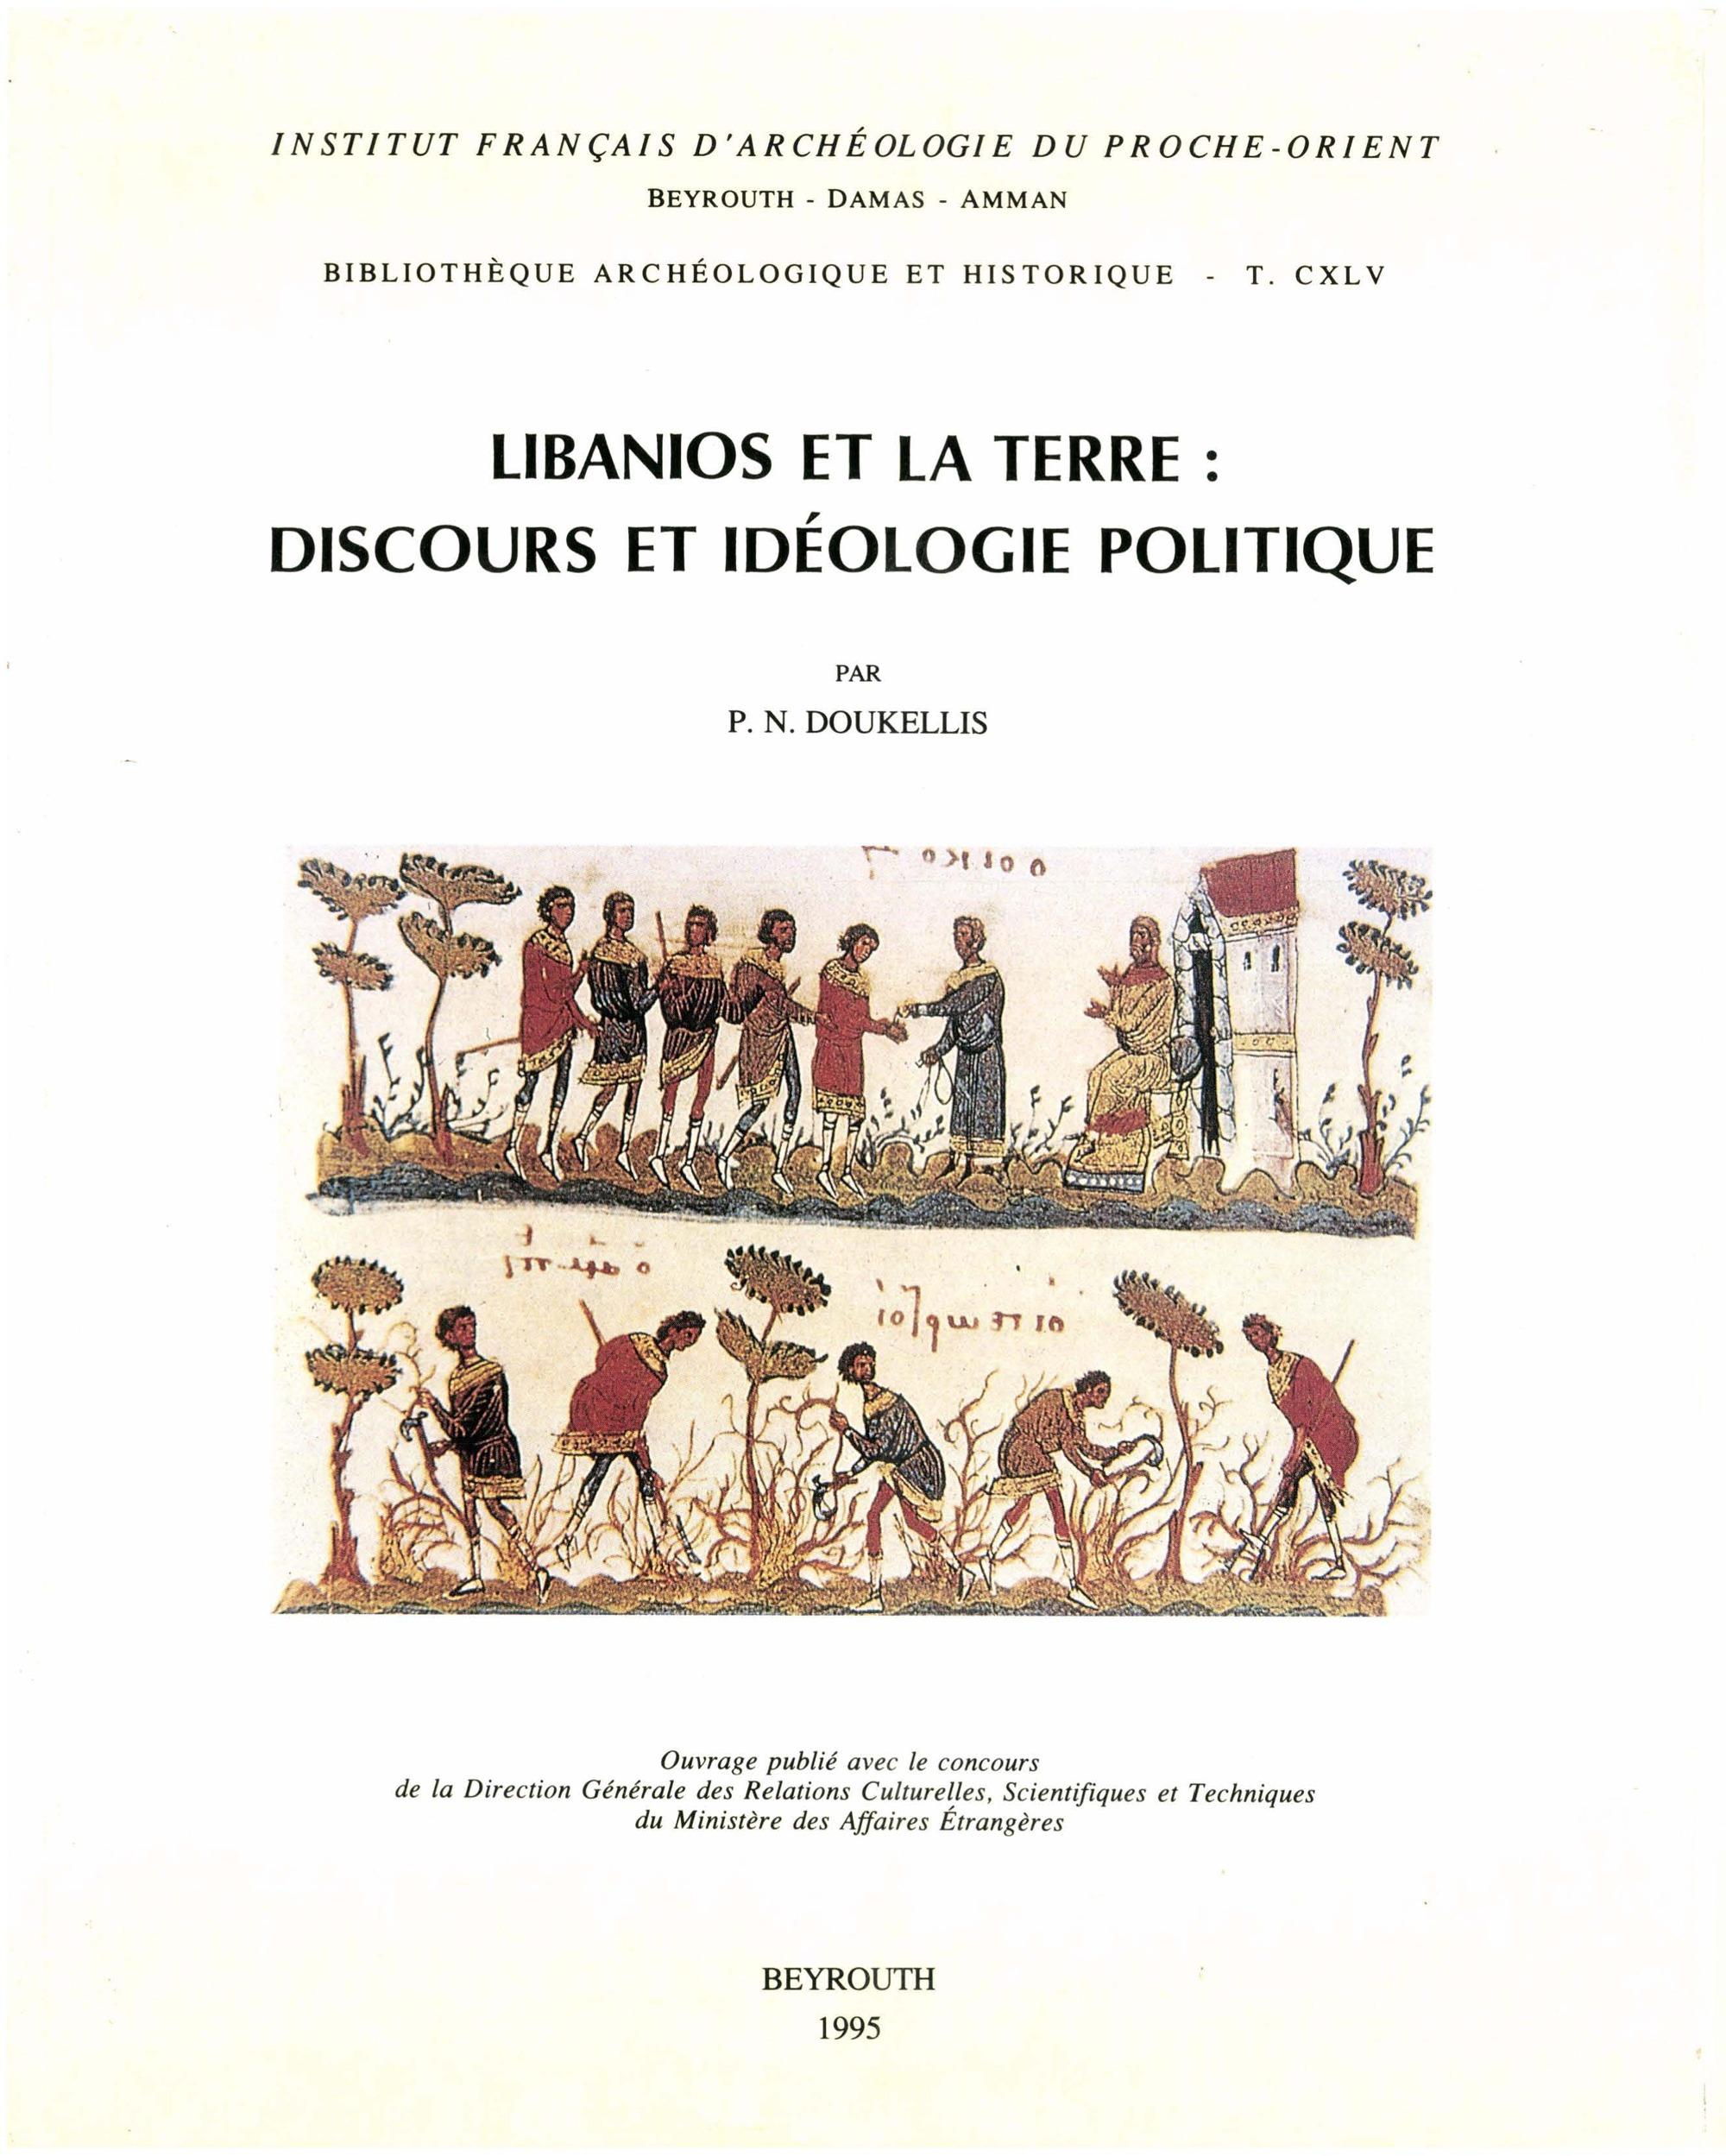 Libanios et la terre : discours et ideologie politique